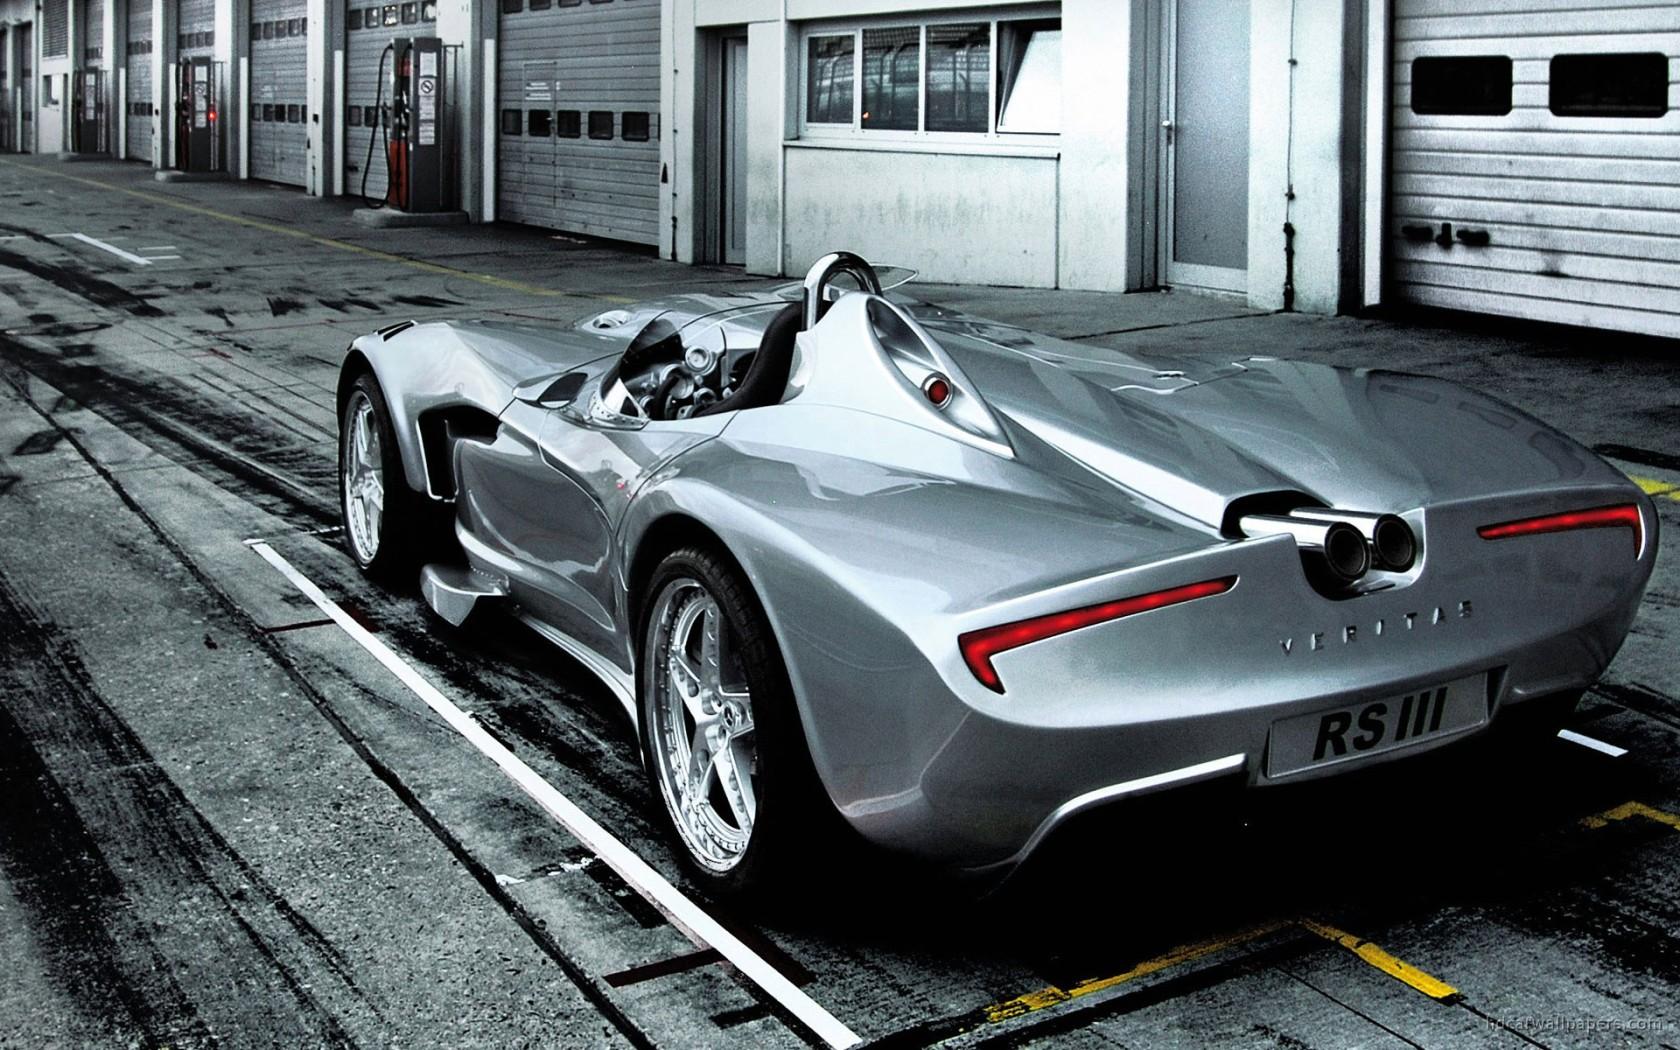 Audi Rs3 Wallpaper Hd Vermot Veritas Rs Iii Back Wallpaper Hd Car Wallpapers